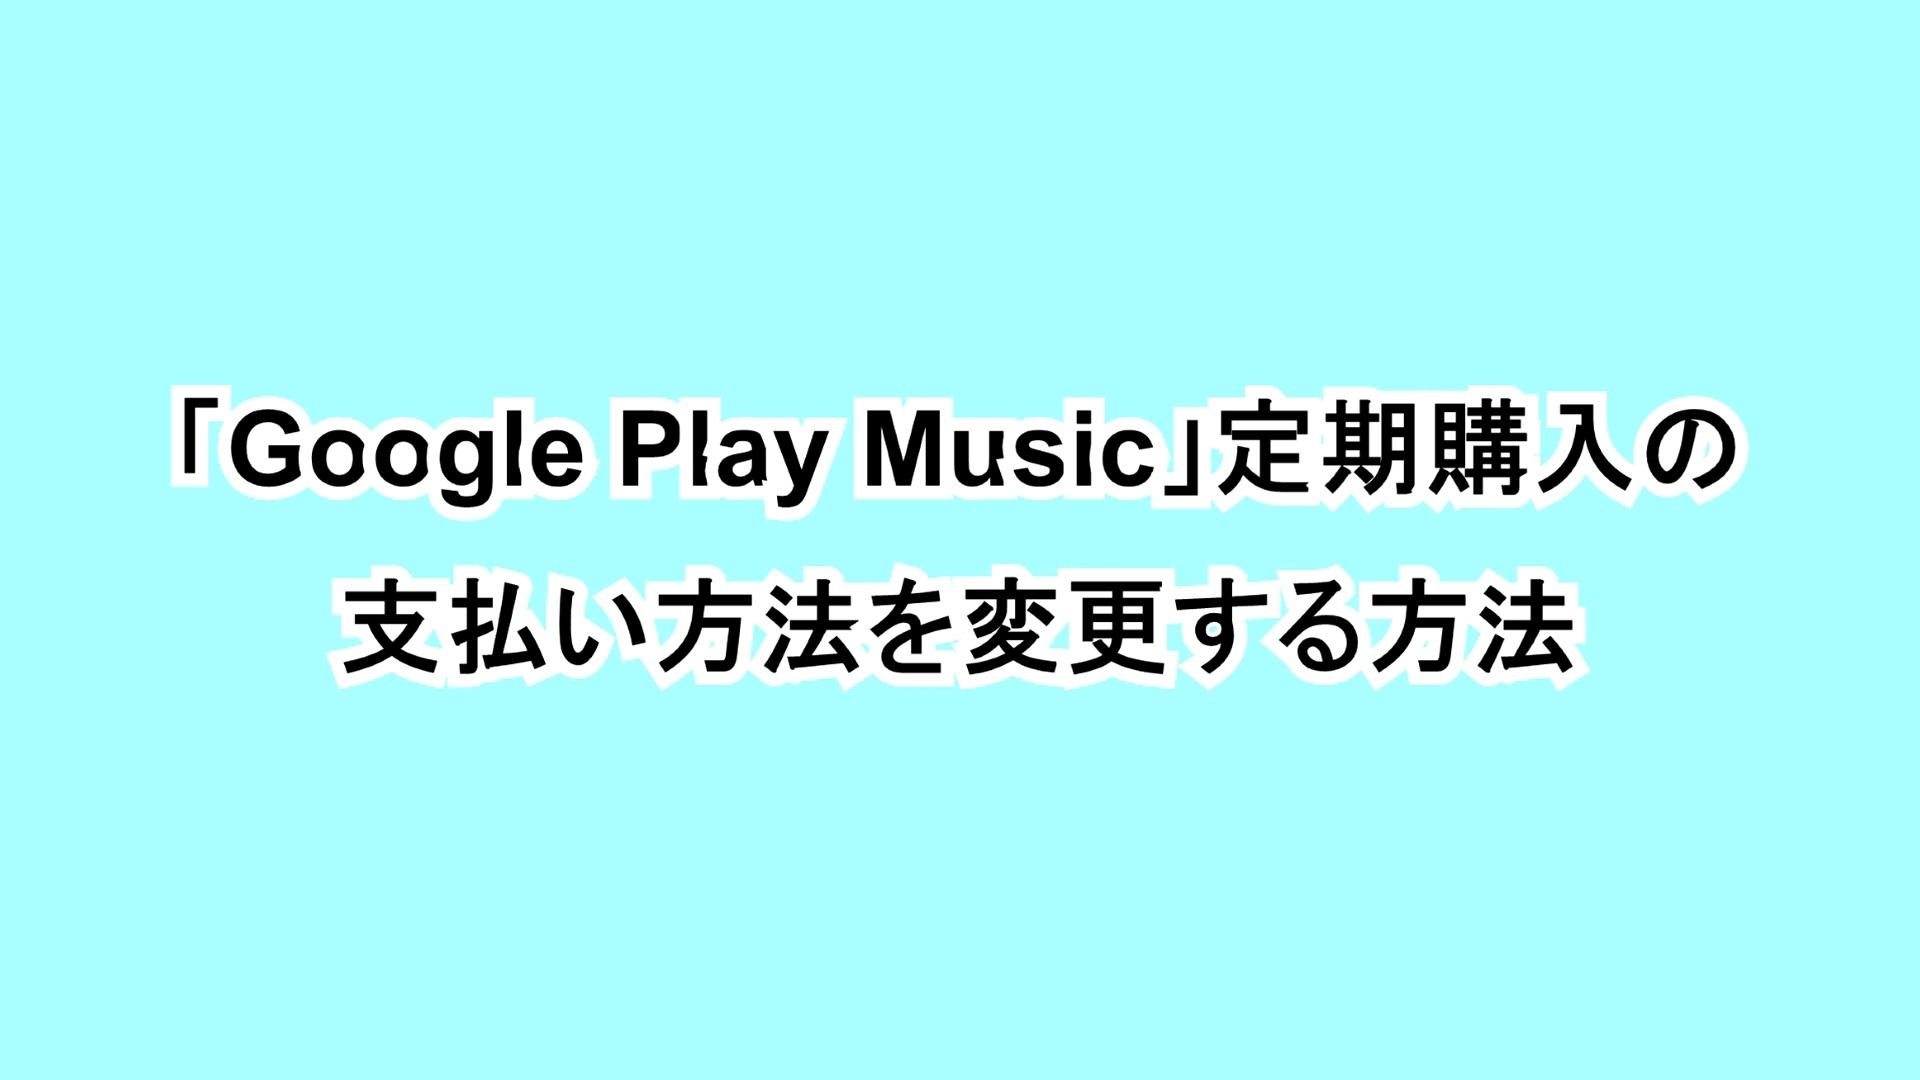 「Google Play Music」定期購入の支払い方法を変更する方法